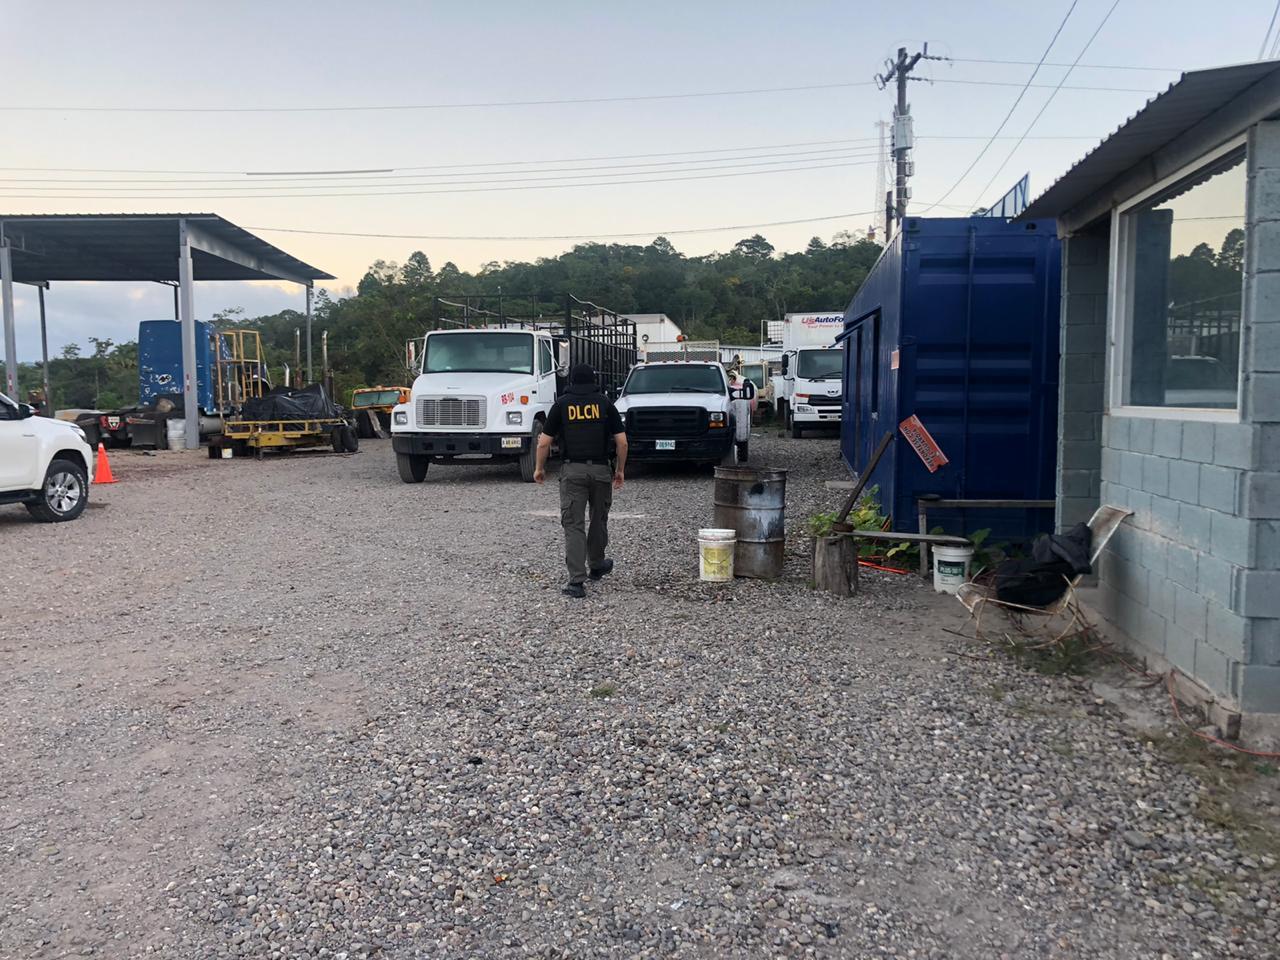 Operación Arcano: Aseguran empresas de maquinaria pesada por nexos con el crimen organizado